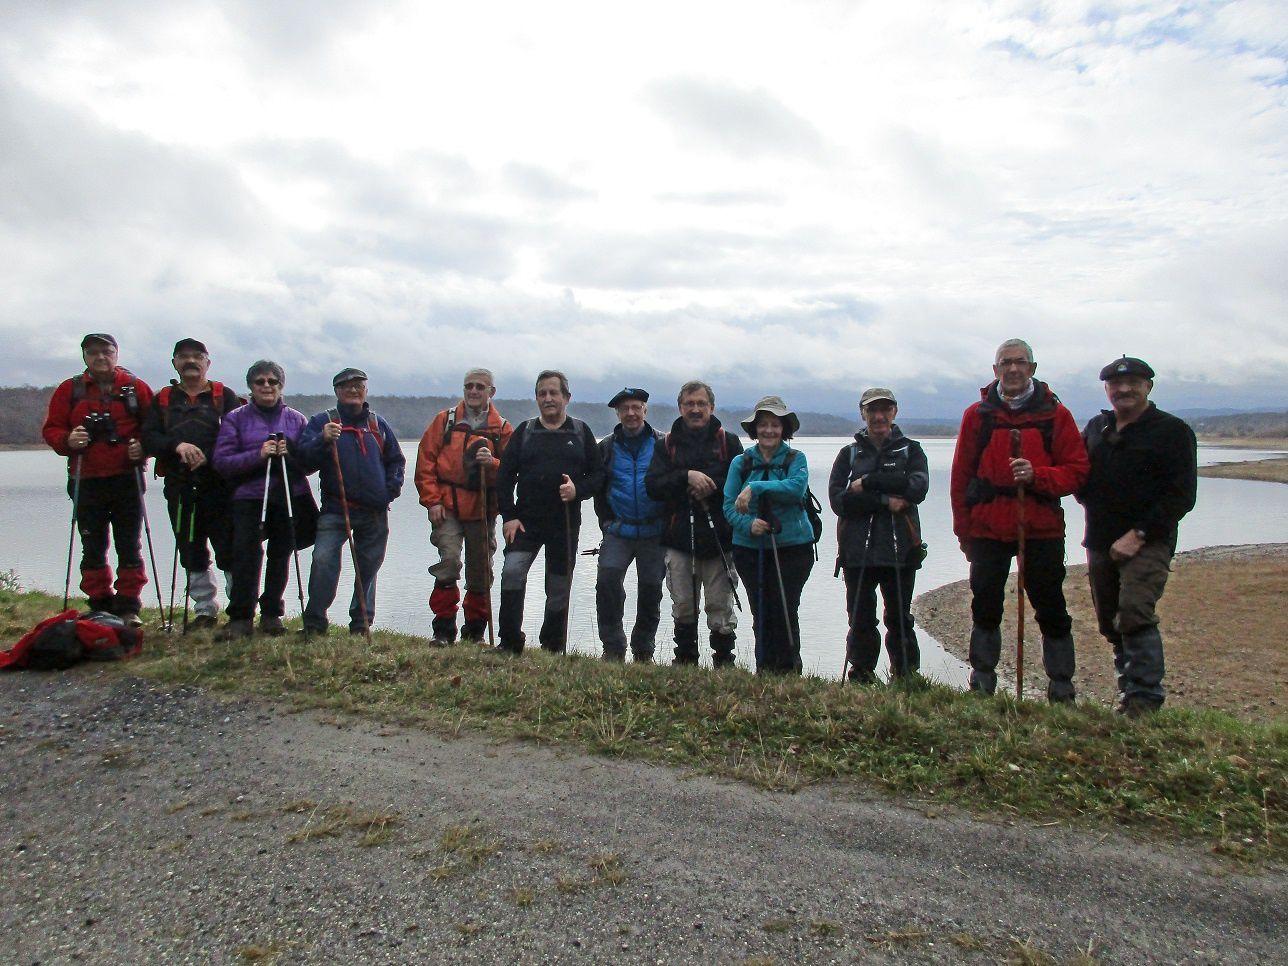 Lundi 1er février - Lacs Puydarrieux et Castelnau